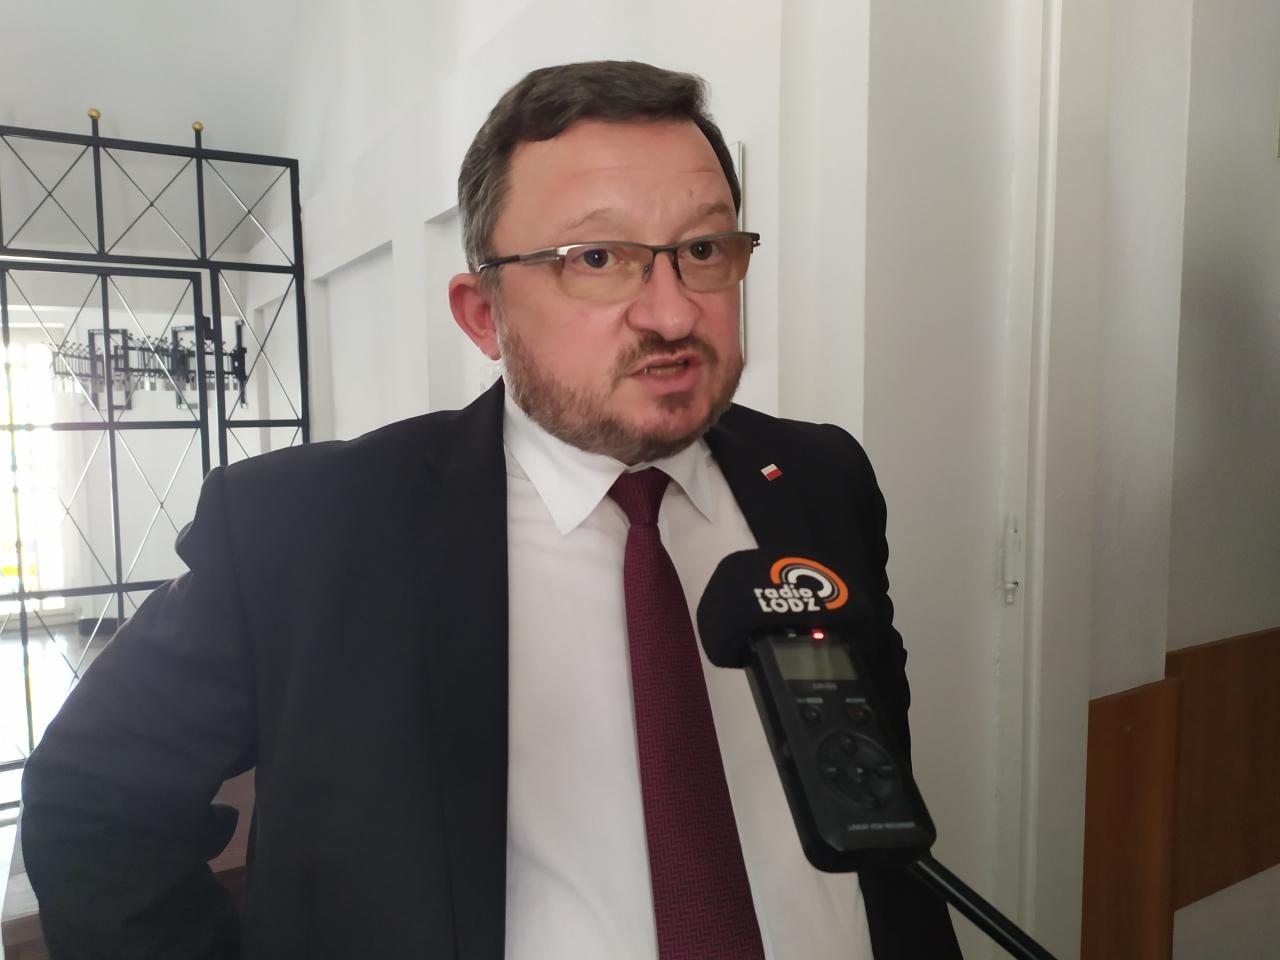 Główny Lekarz Weterynarii Mirosław Welz wczasie wywiadu dla mediów wStarostwie Powiatowym wPiotrkowie